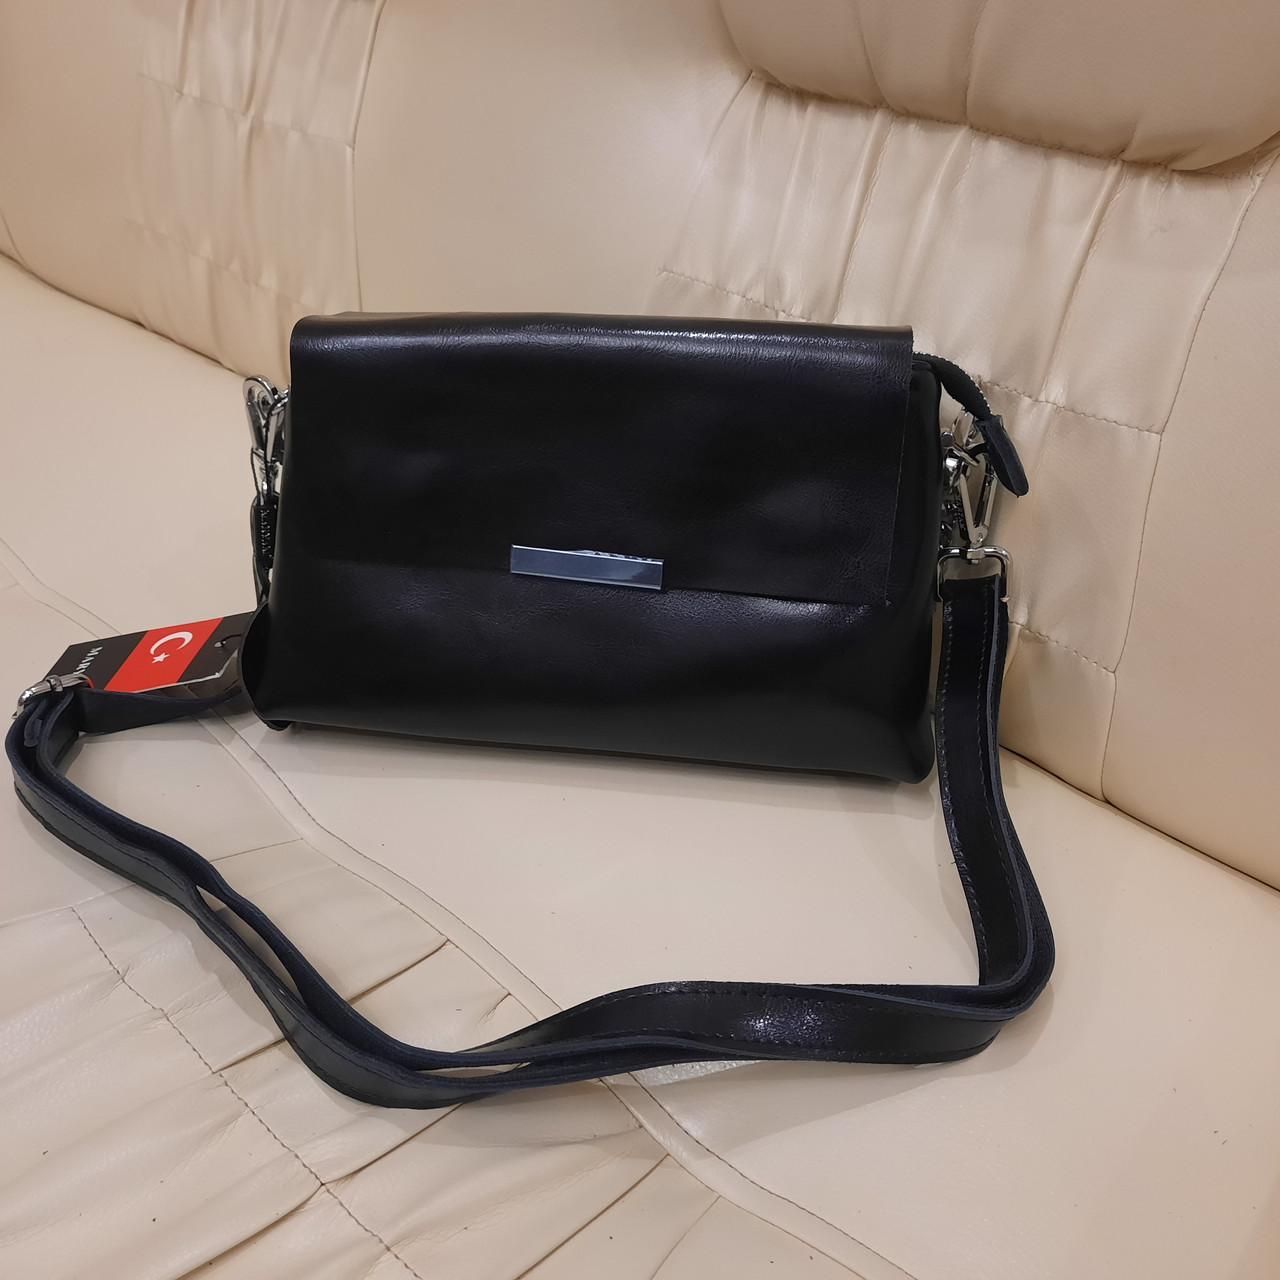 Классический черный женский клатч сумка из натуральной кожи